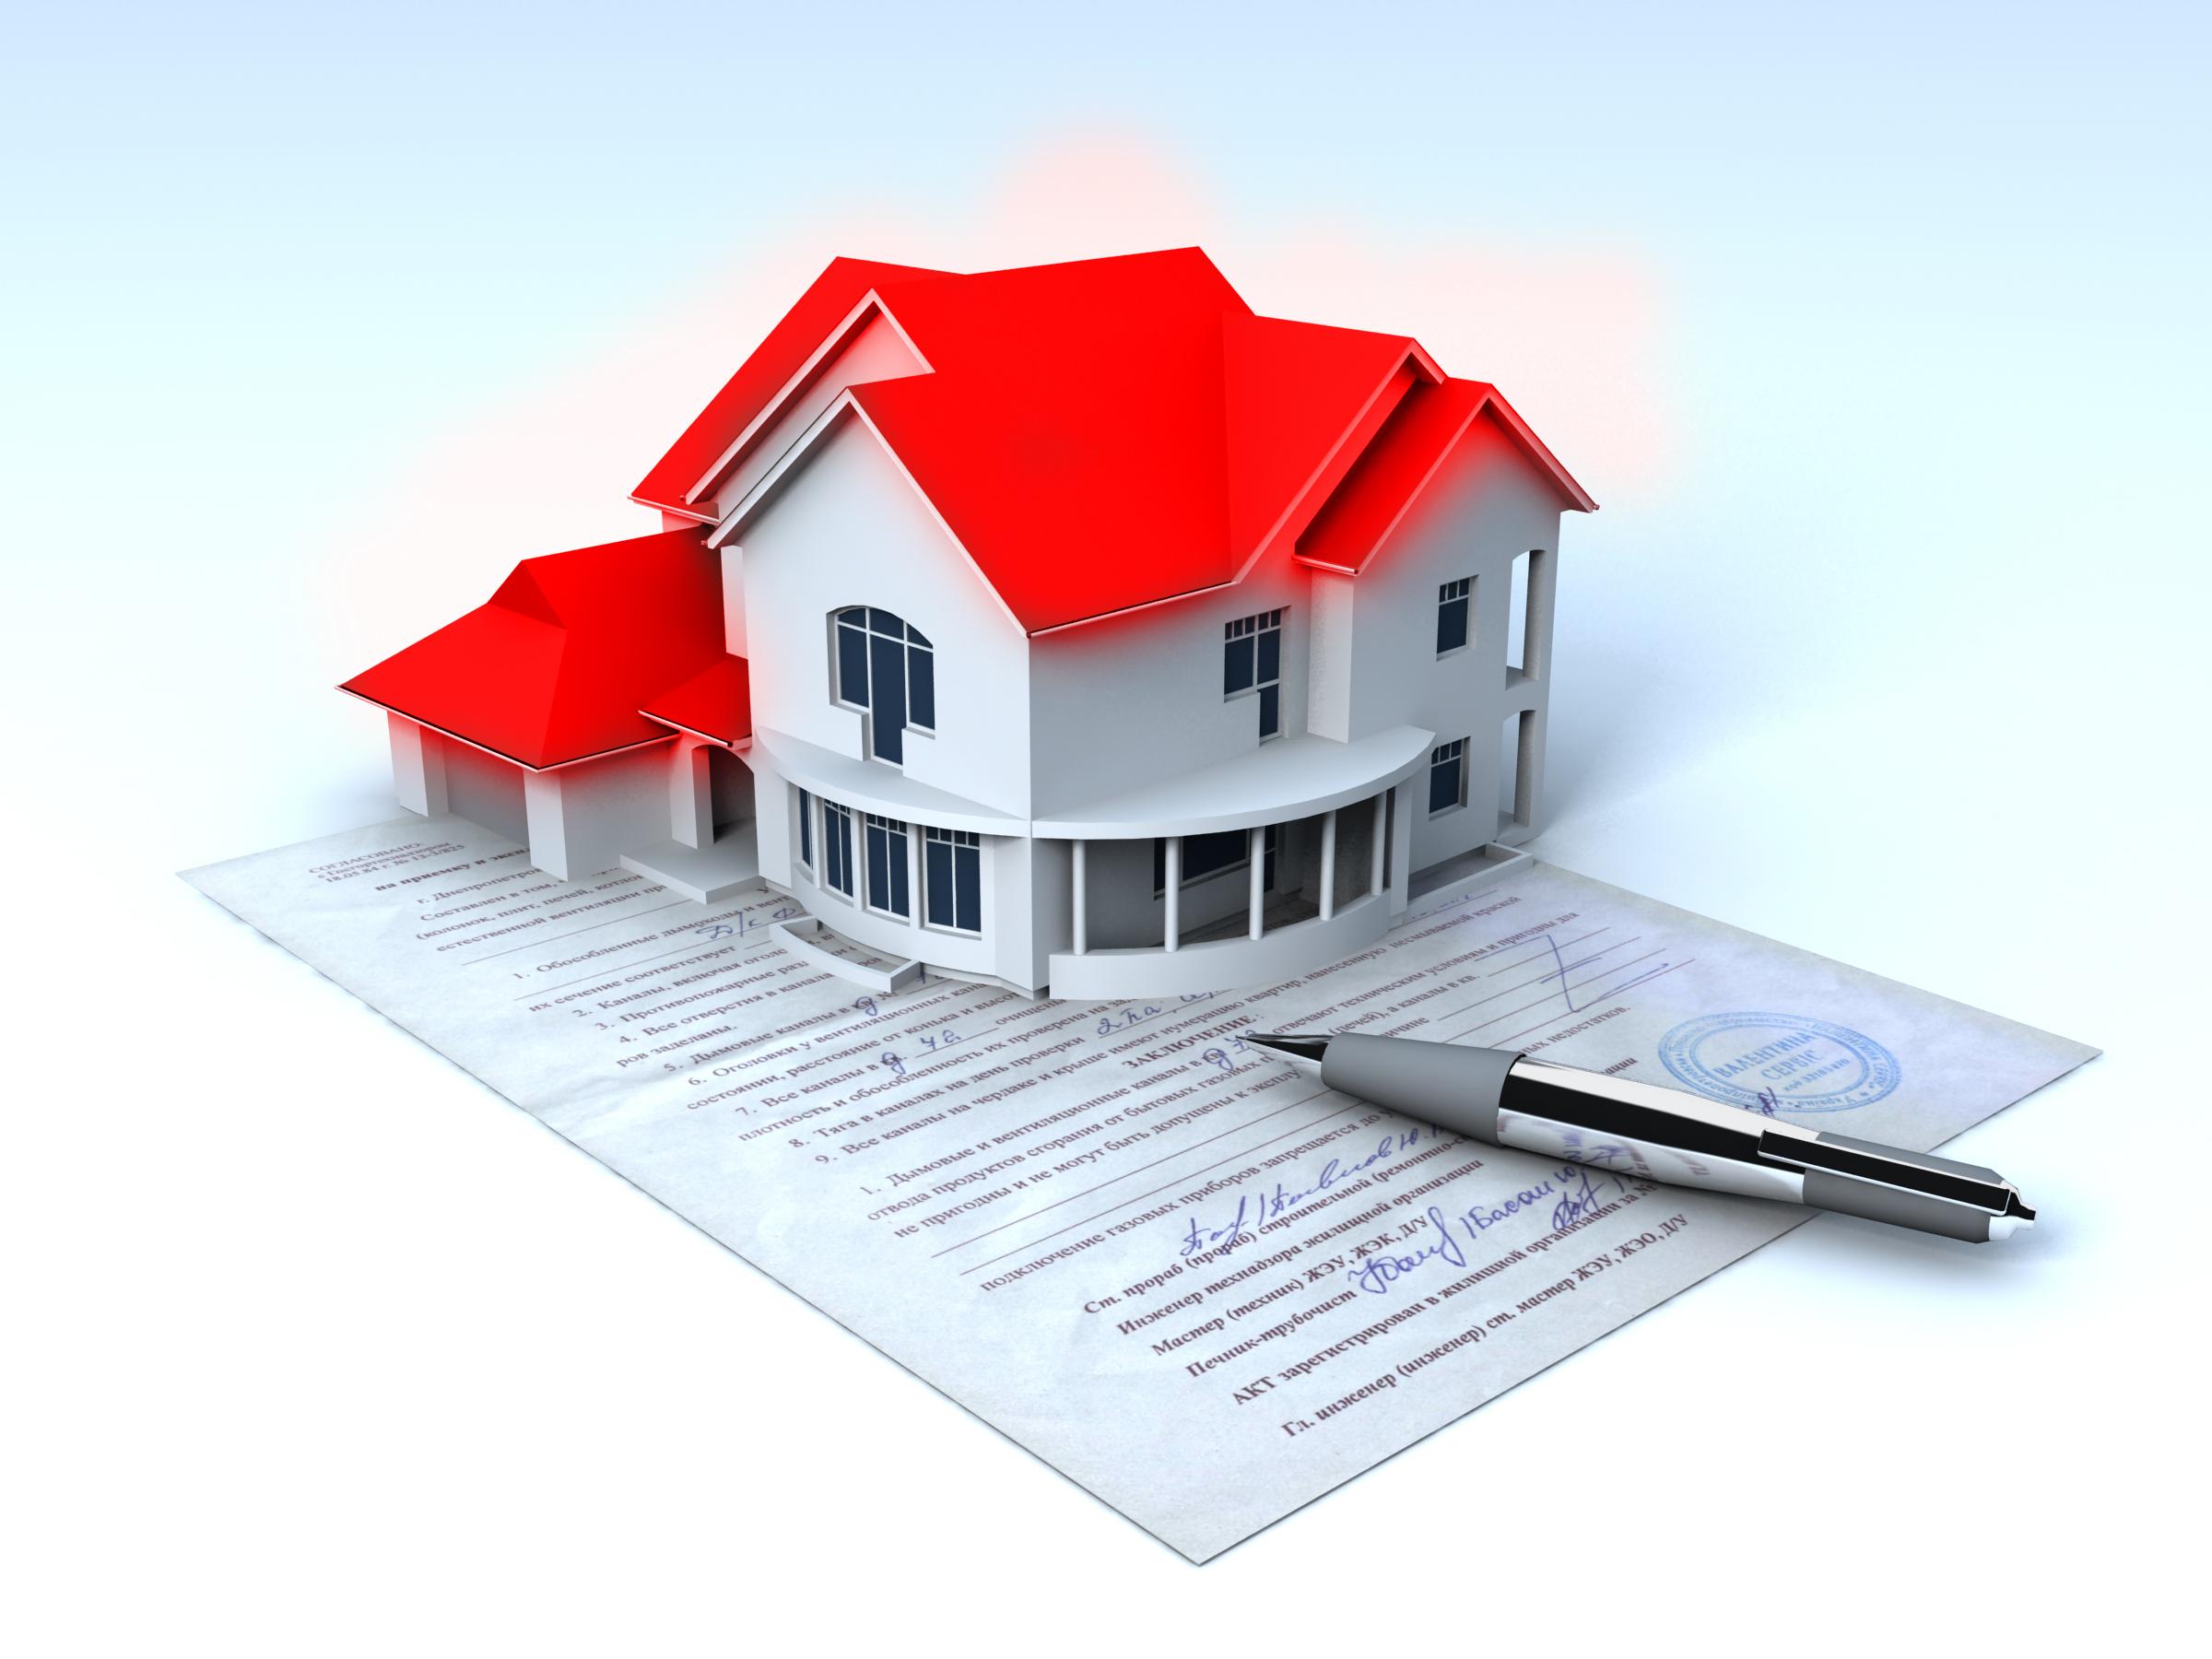 """Как оформить земельный участок если дом в собственности """" Картинки и фотографии дизайна квартир, домов, коттеджей"""